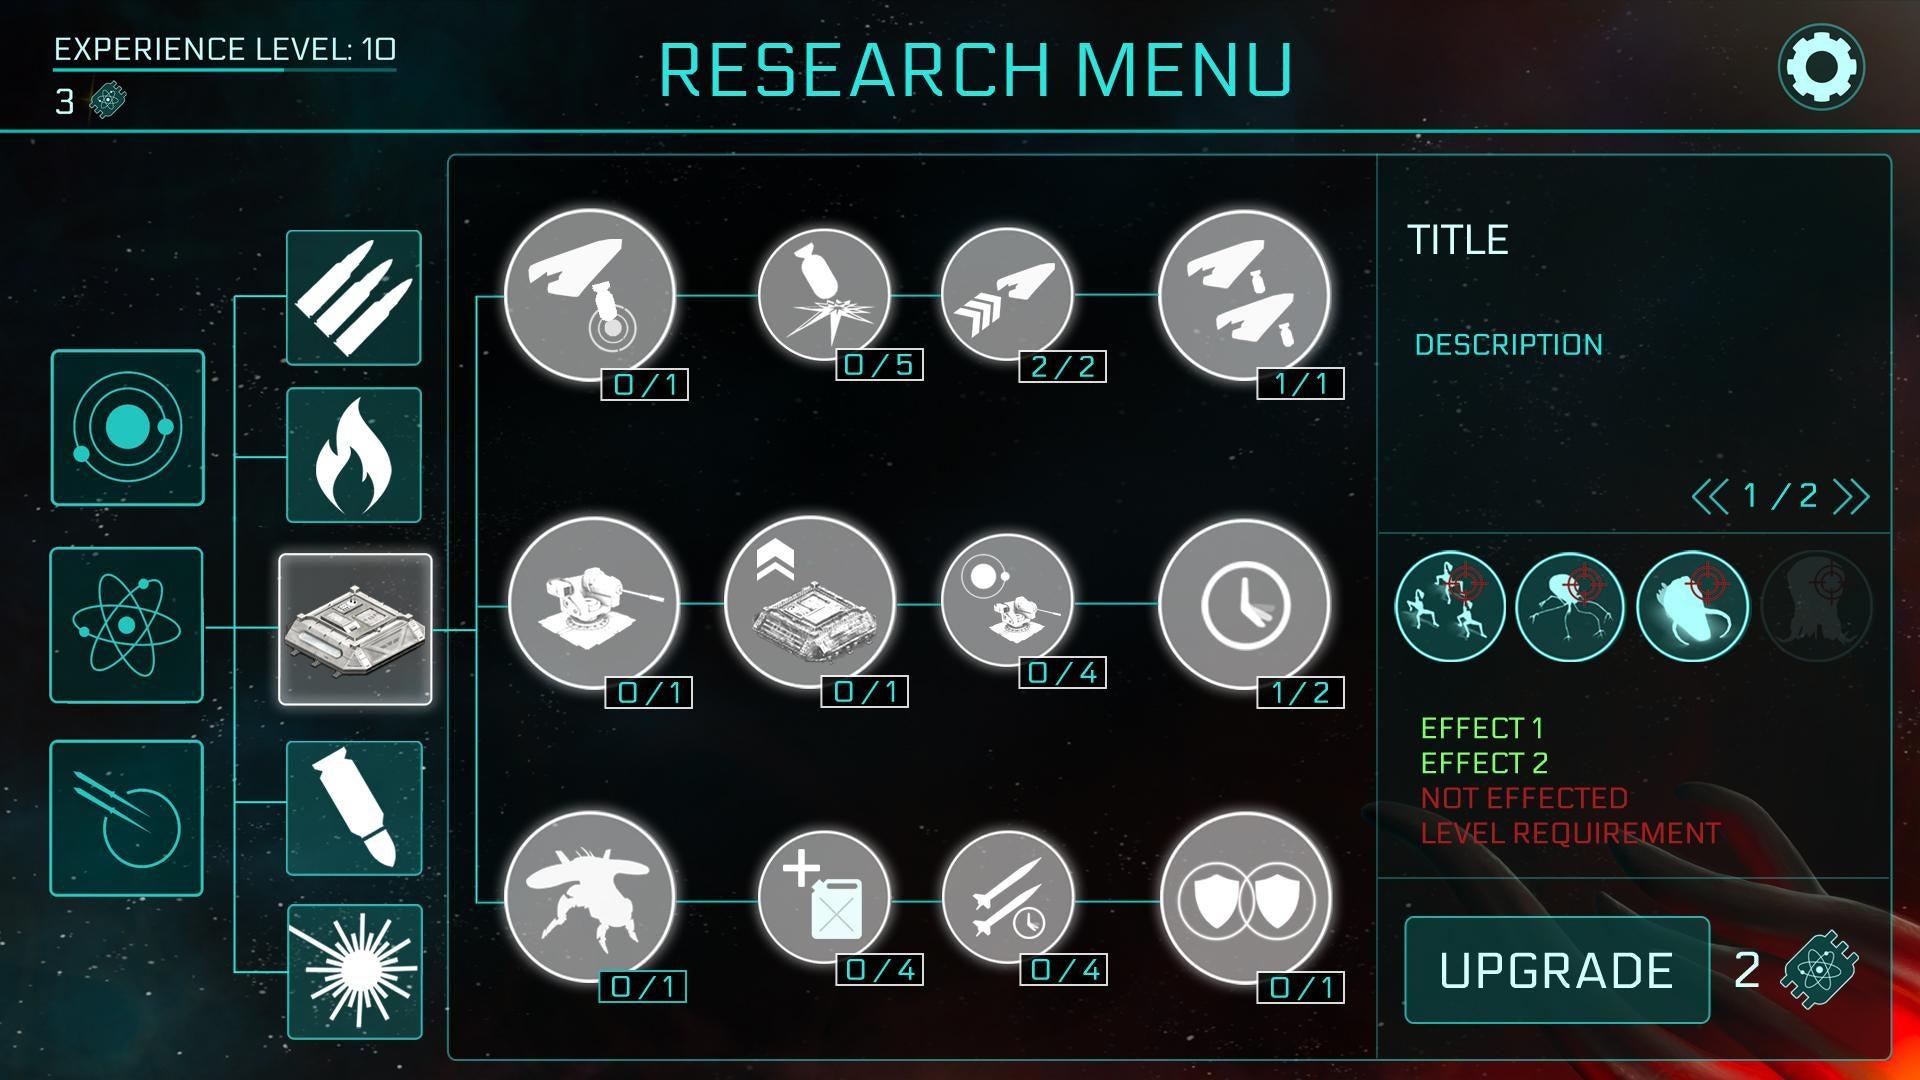 2112TD Research Menu Update